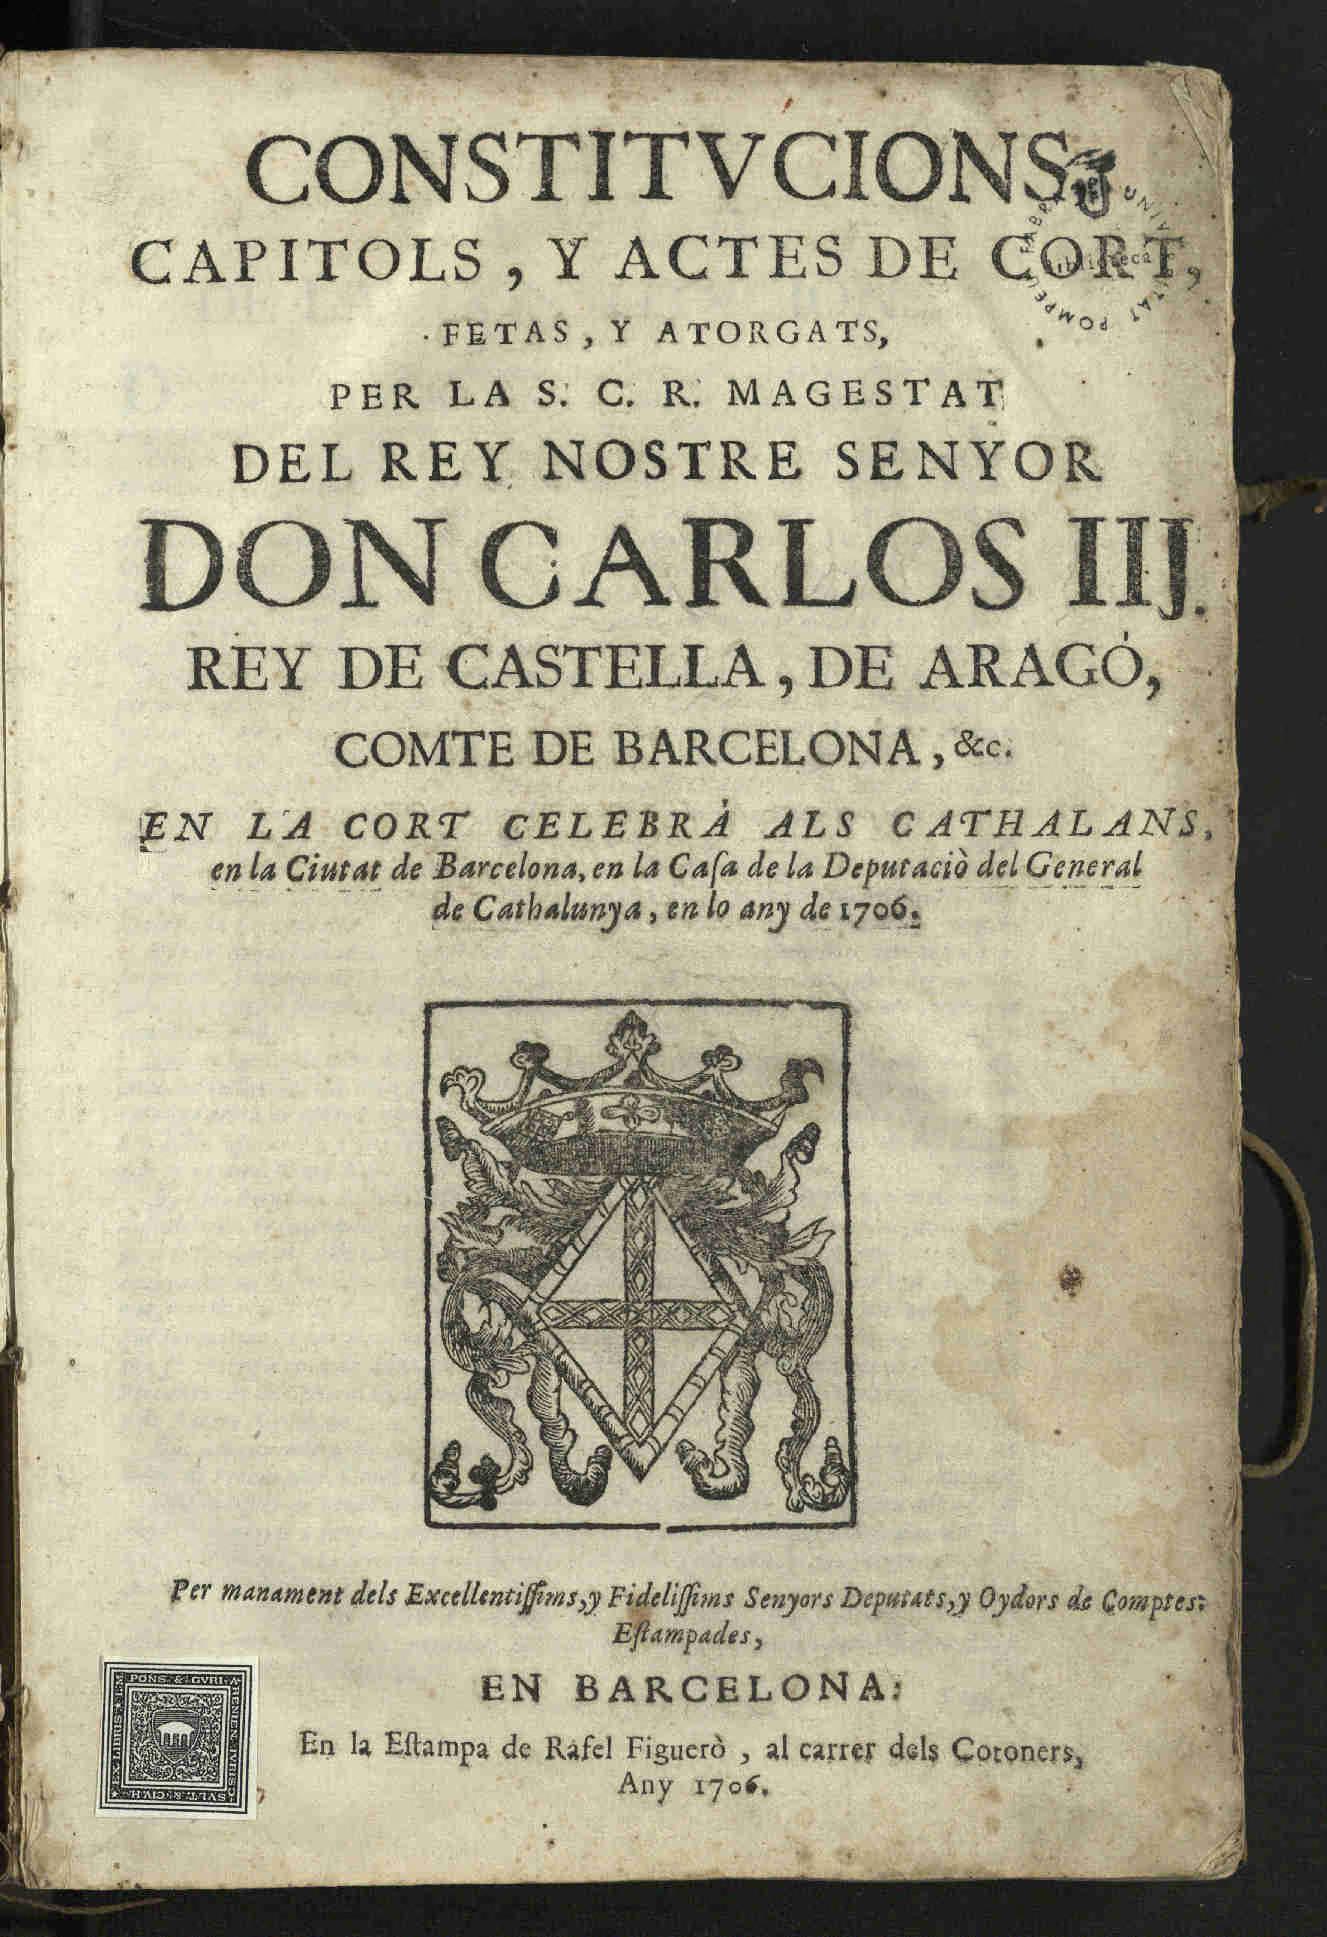 Constitvcions_capitols_y_actes_de_cort_fetas_y_atorgats_per_la_SCR_magestat_del_rey_nostre_senyor_don_Carlos_IIJ_rey_de_Castella_de_Arag_comte_de_Barcelona_c_en_la_Cort_celebr_als_cathalans_en_la_ciutat_de_Barcelona_en_la_Casa_de_la_Deputaci